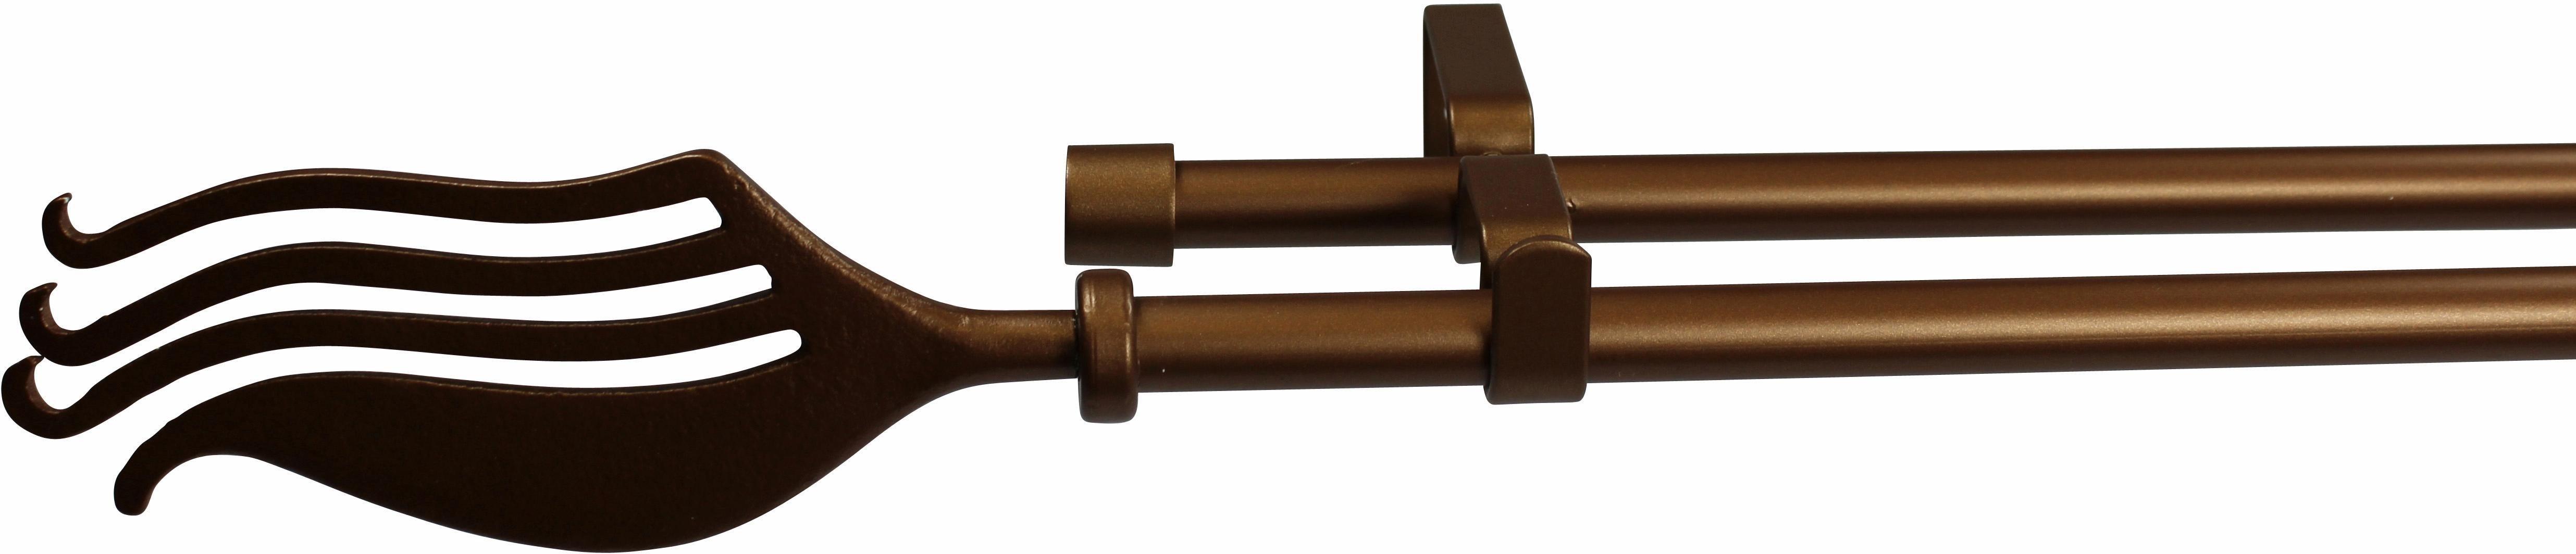 Gardinenstange 16 mm Cantus, ohne Ringe, nach Maß | Heimtextilien > Gardinen und Vorhänge > Gardinenstangen | GARESA